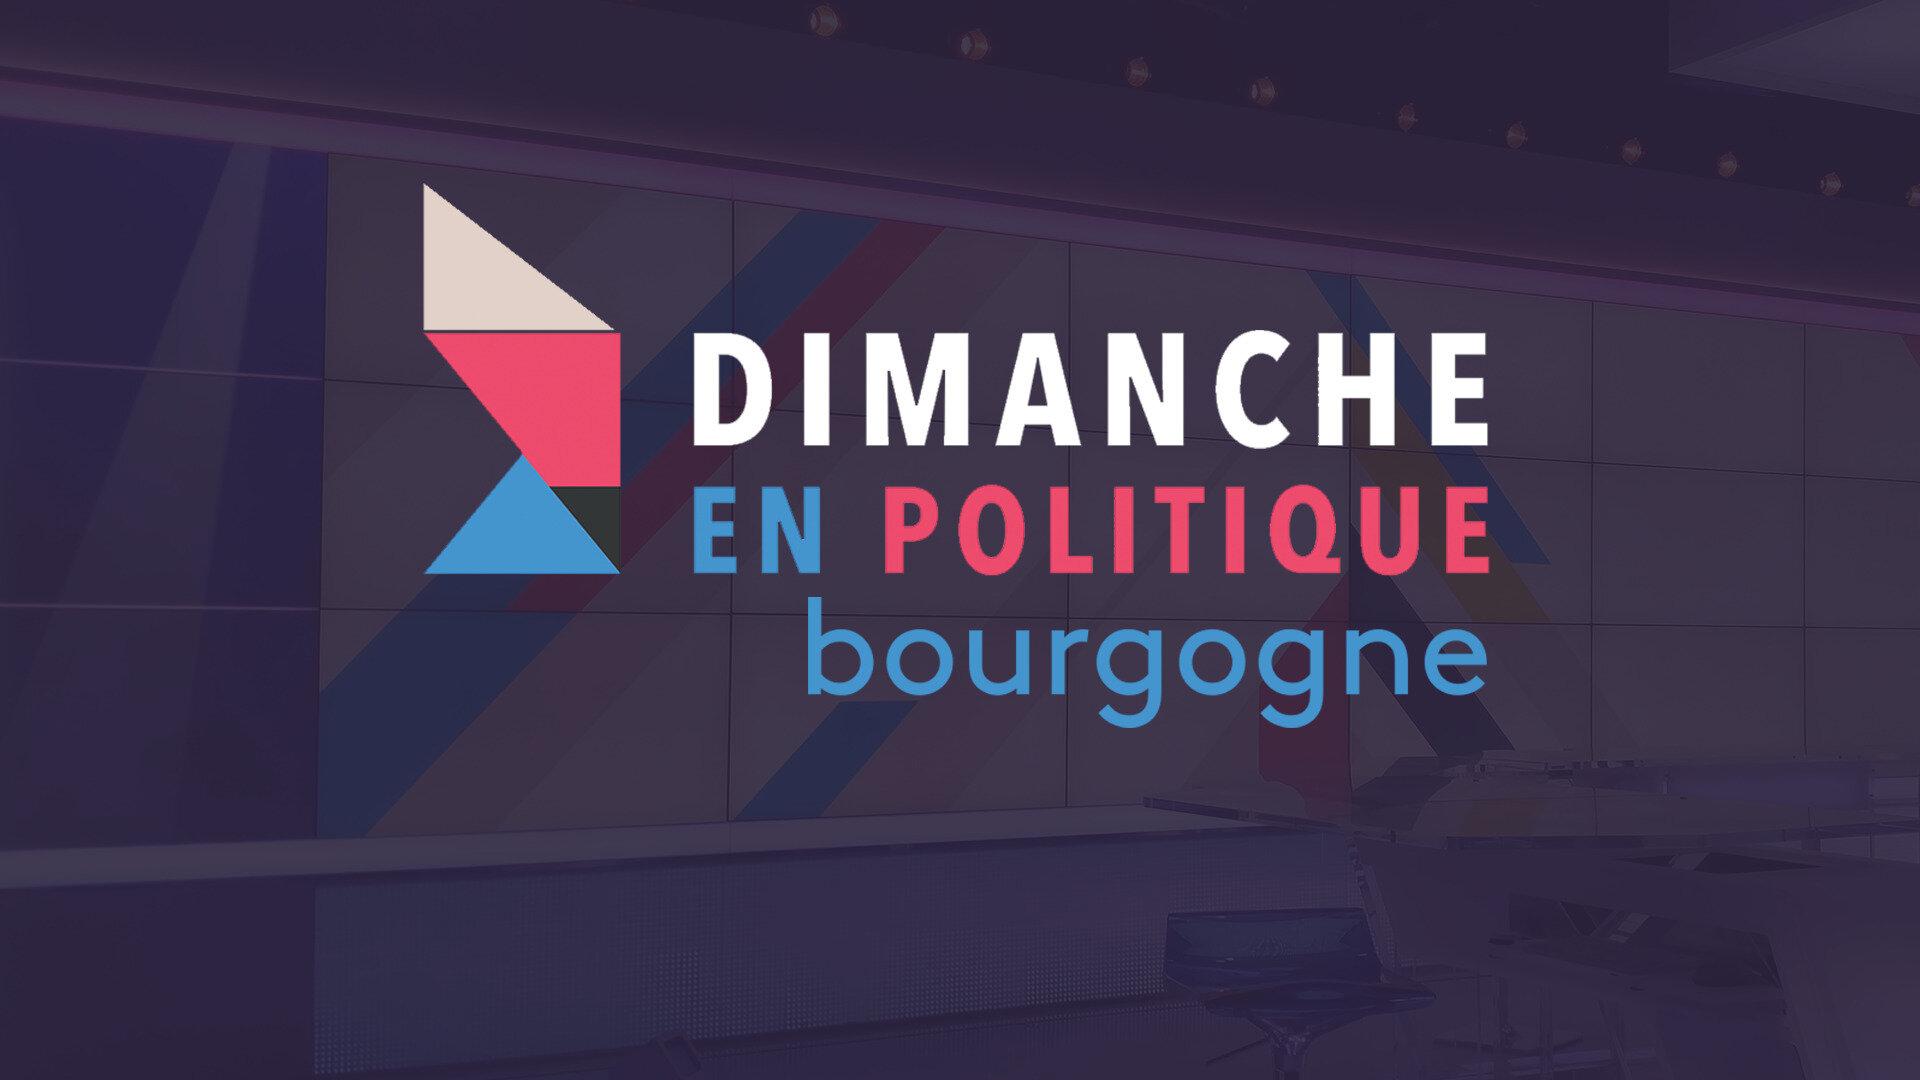 Dimanche en politique - Bourgogne